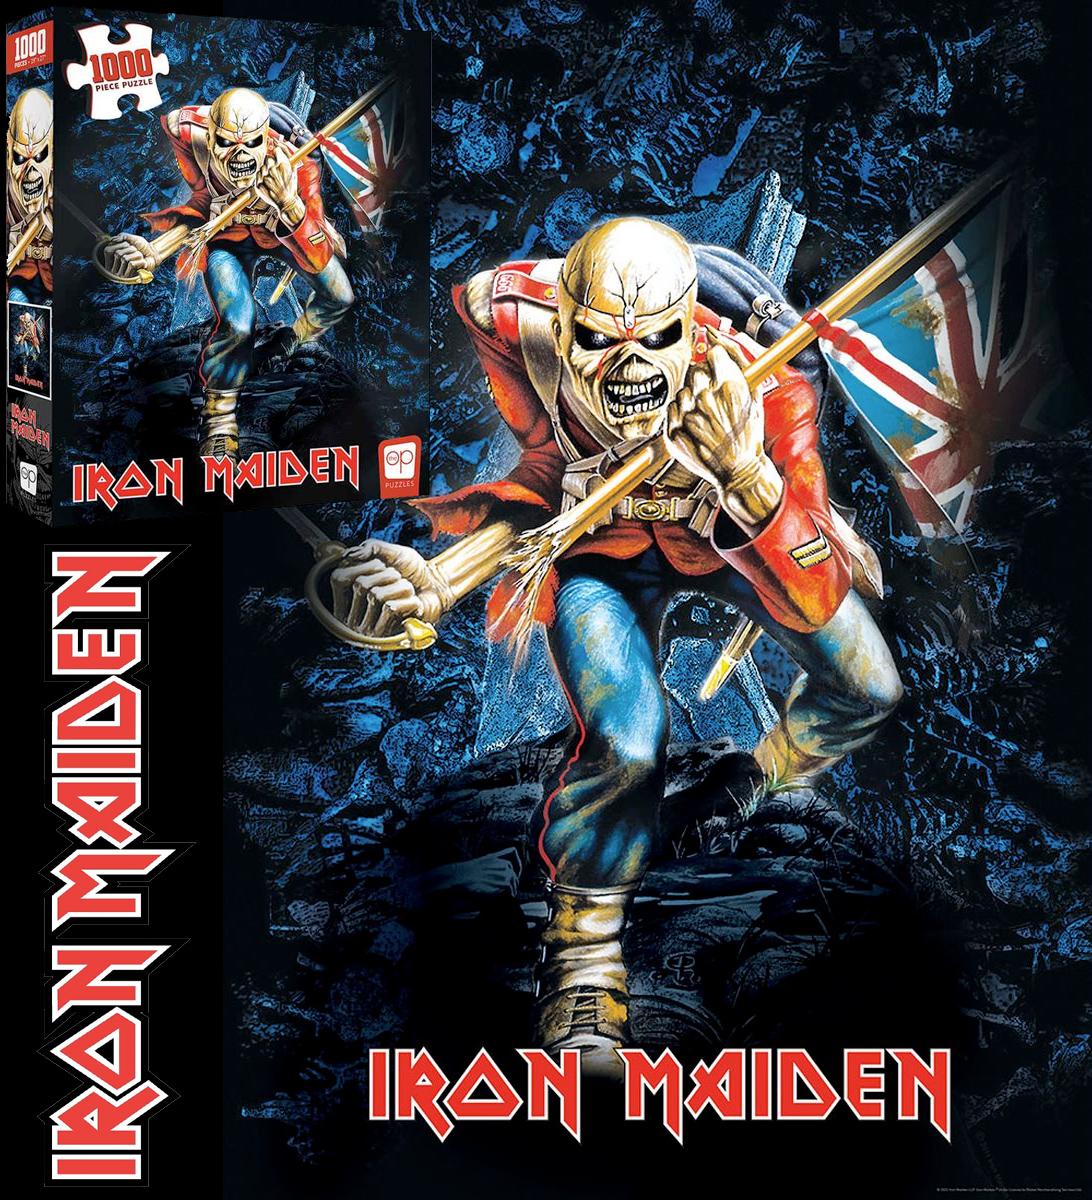 Quebra Cabeca Iron Maiden The Trooper 1000 Piece Puzzle